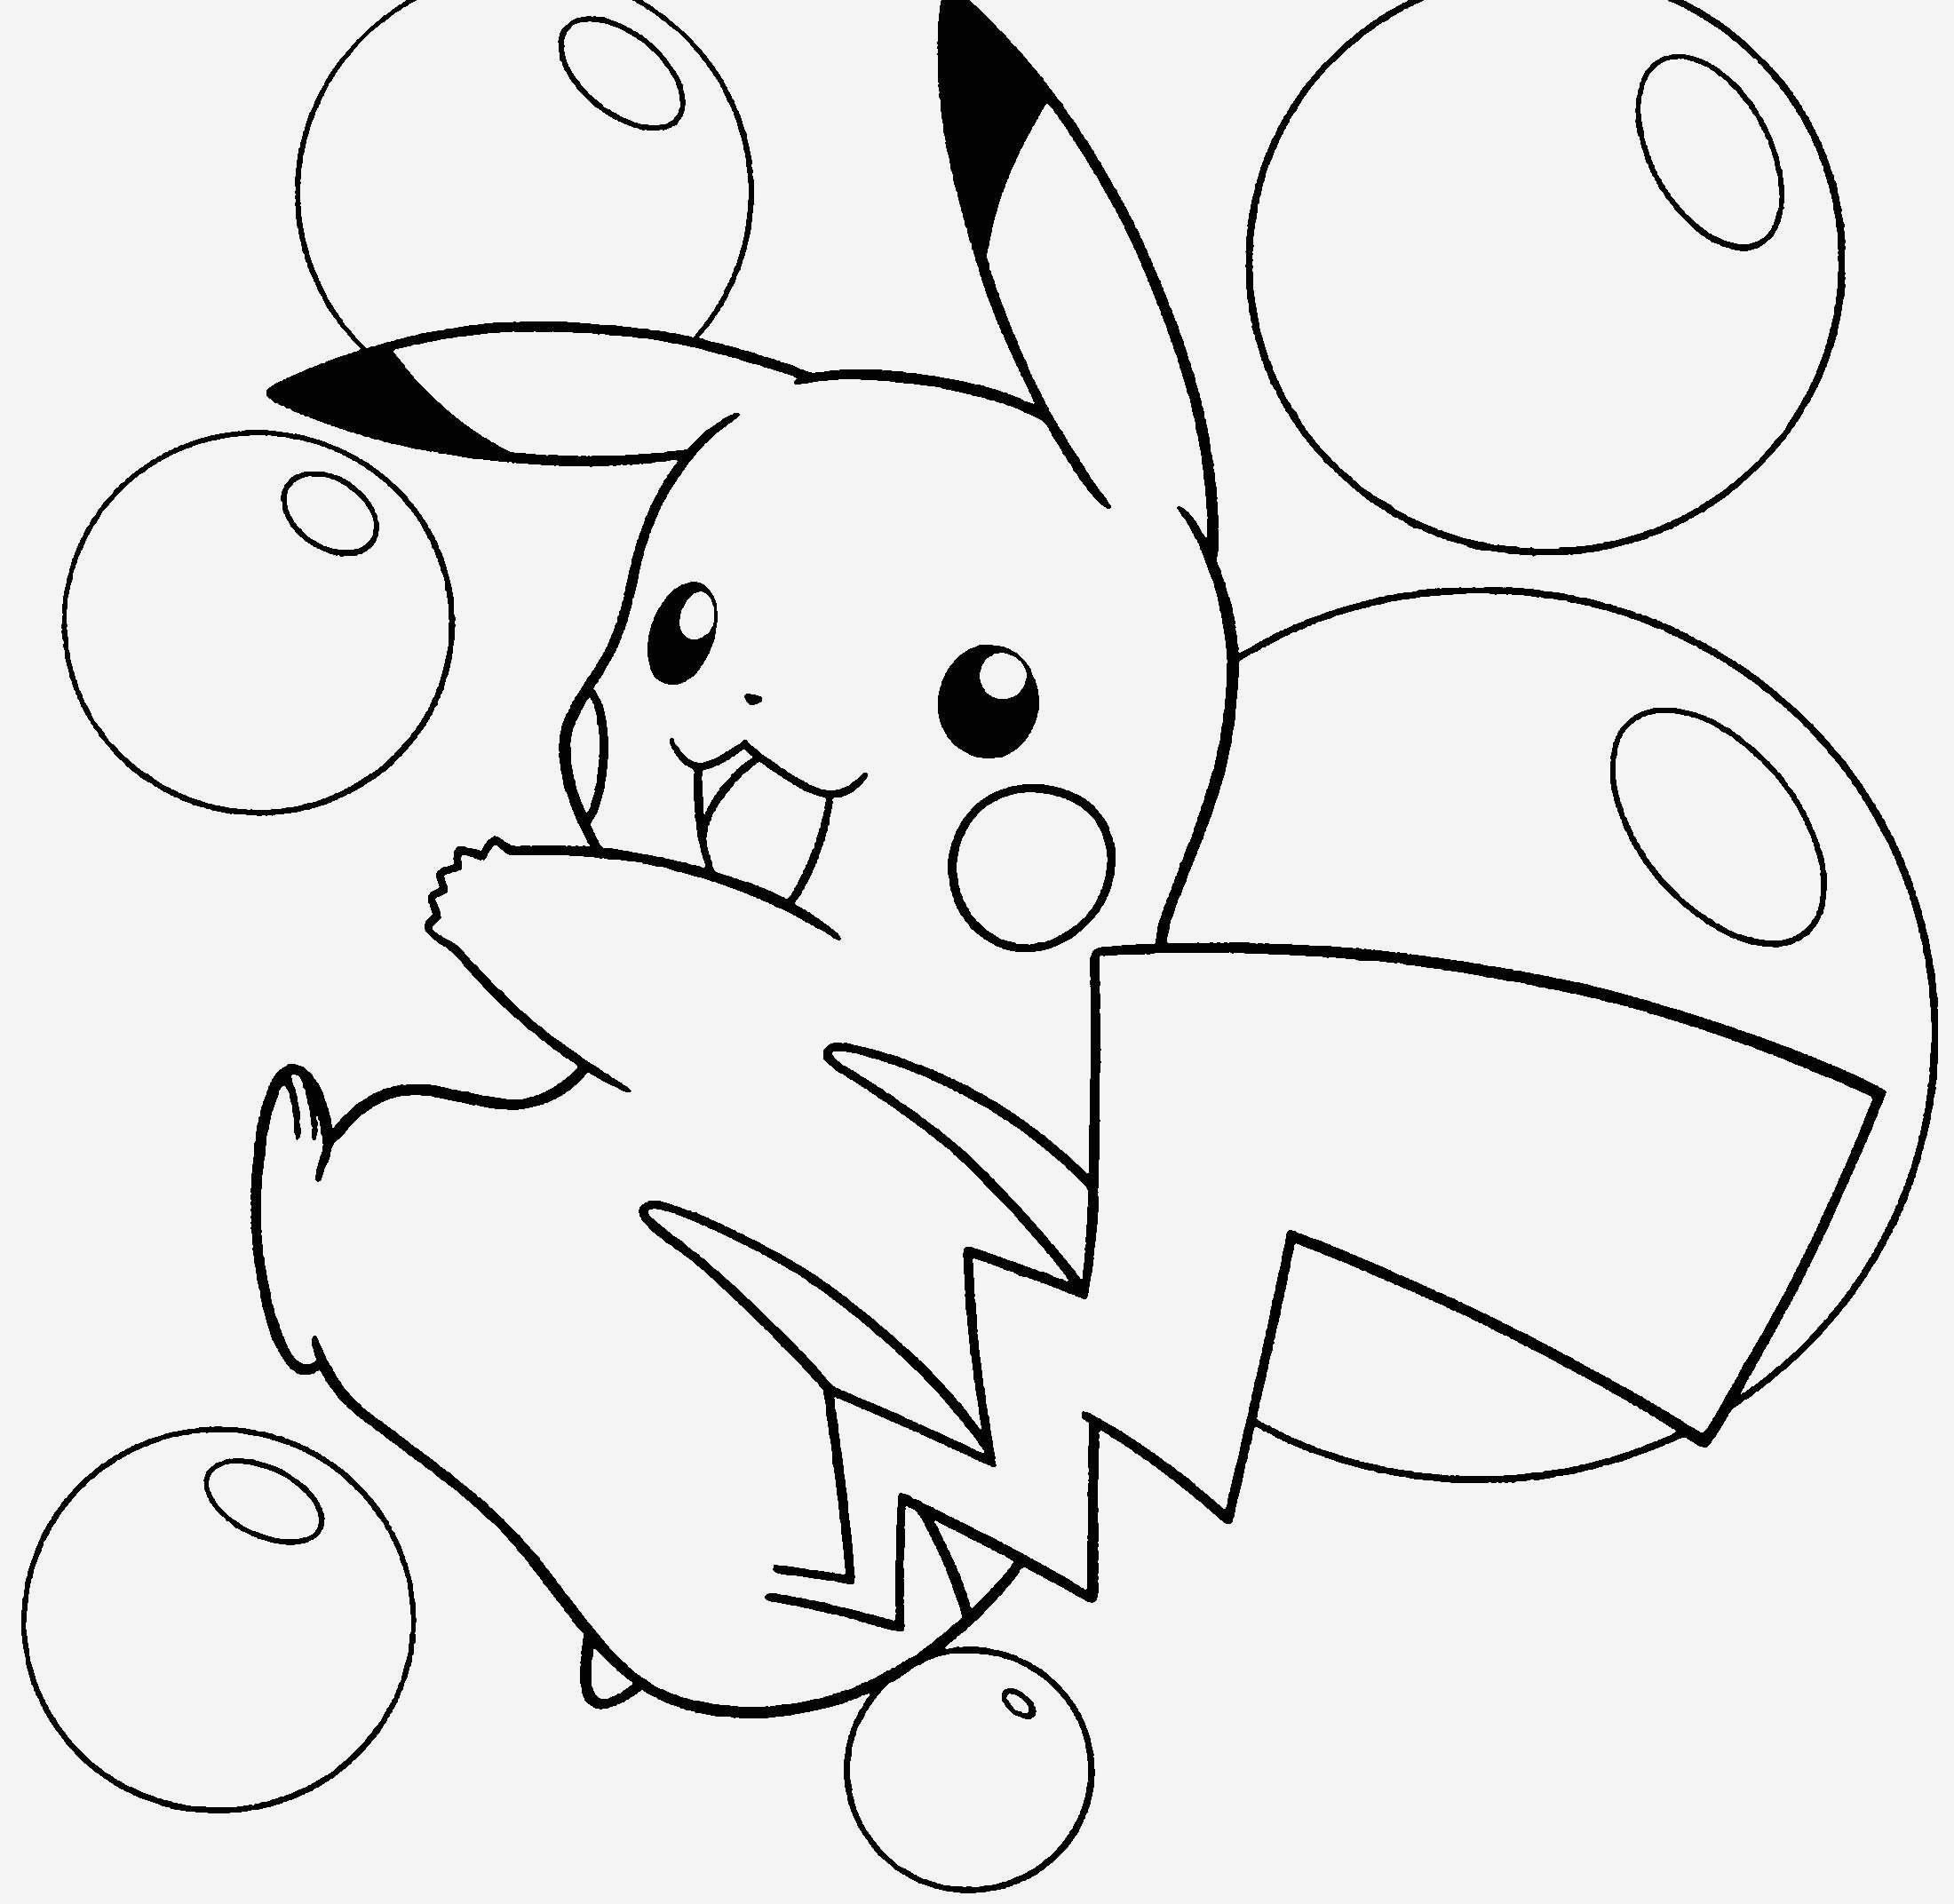 Ausmalbilder Pokemon Ausdrucken Das Beste Von Pokemon Bilder Zum Ausmalen Awesome Ausmalbilder Pokemon Fotografieren